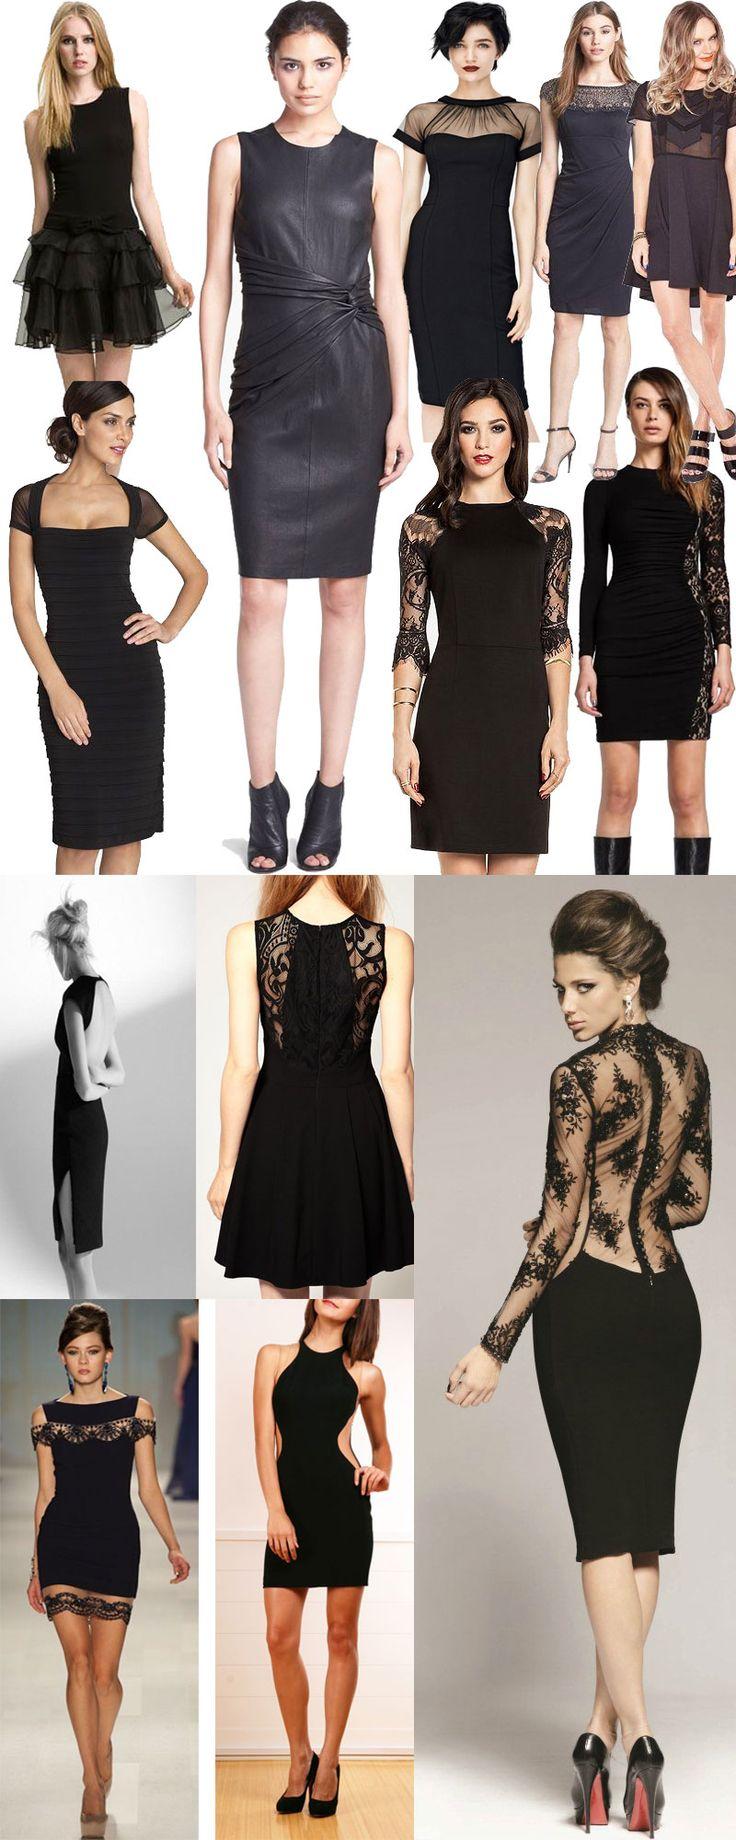 Vestido curto: dezenas de modelos de vestidos pra inspirar! Tem vestido de festa, de formatura, de renda, plus size e muito mais opções incríveis, vem ver!